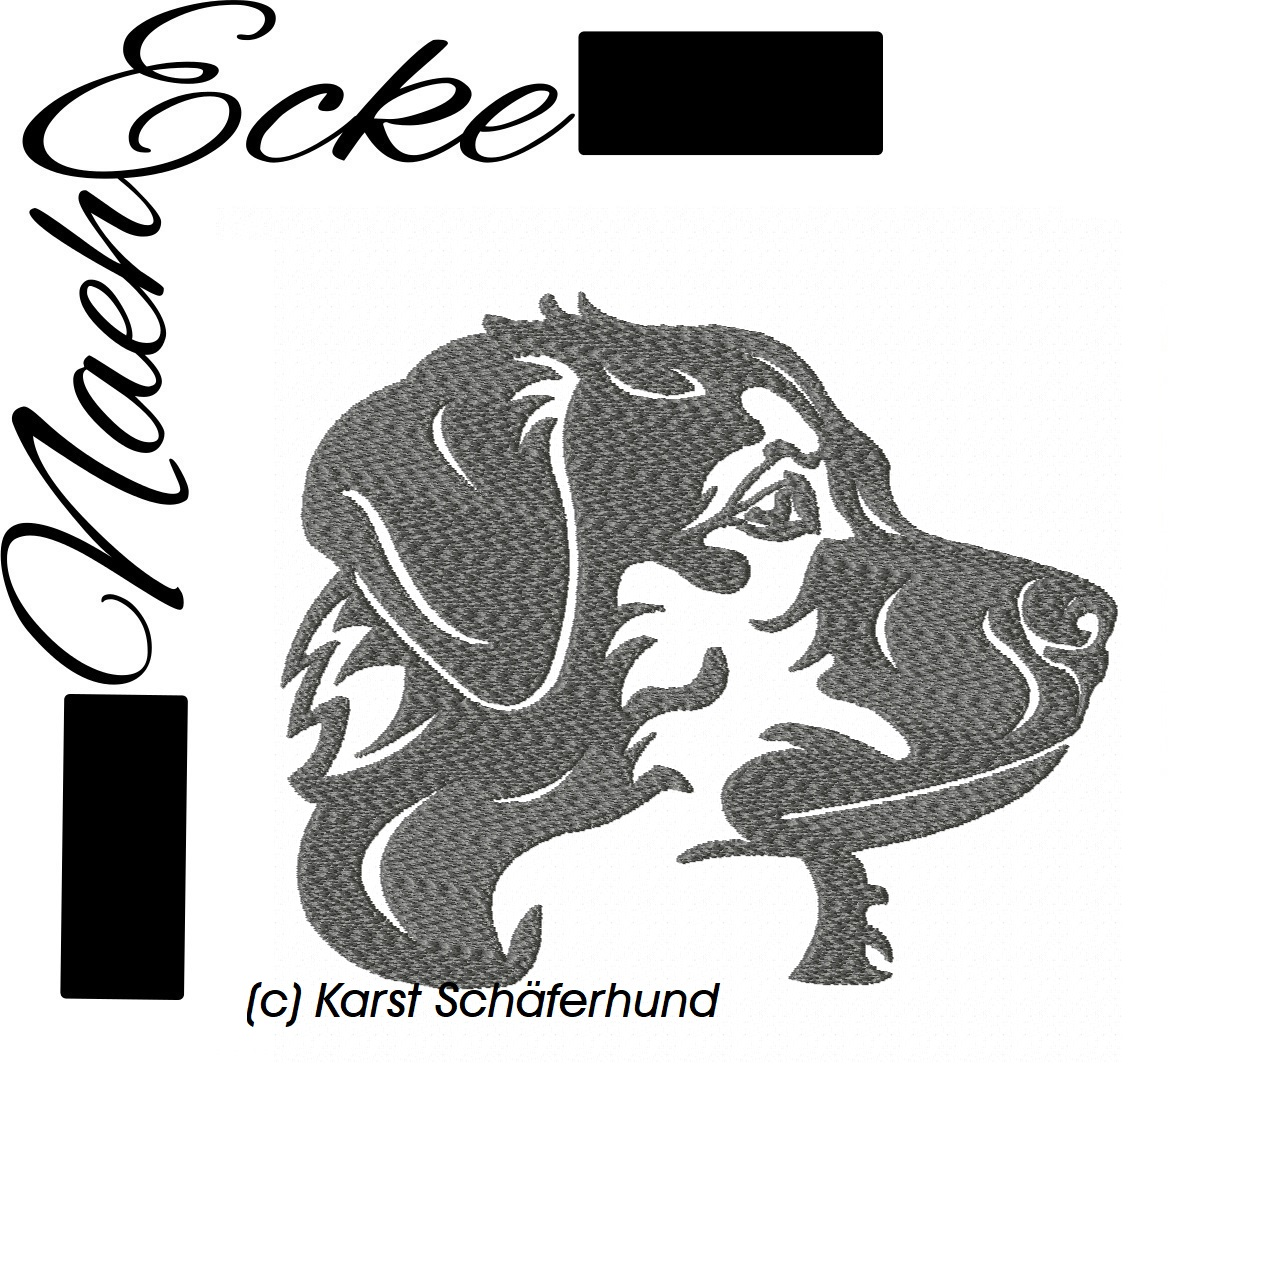 Istrianer Schäferhund, Krajski Ovcar, Karst Schäferhund